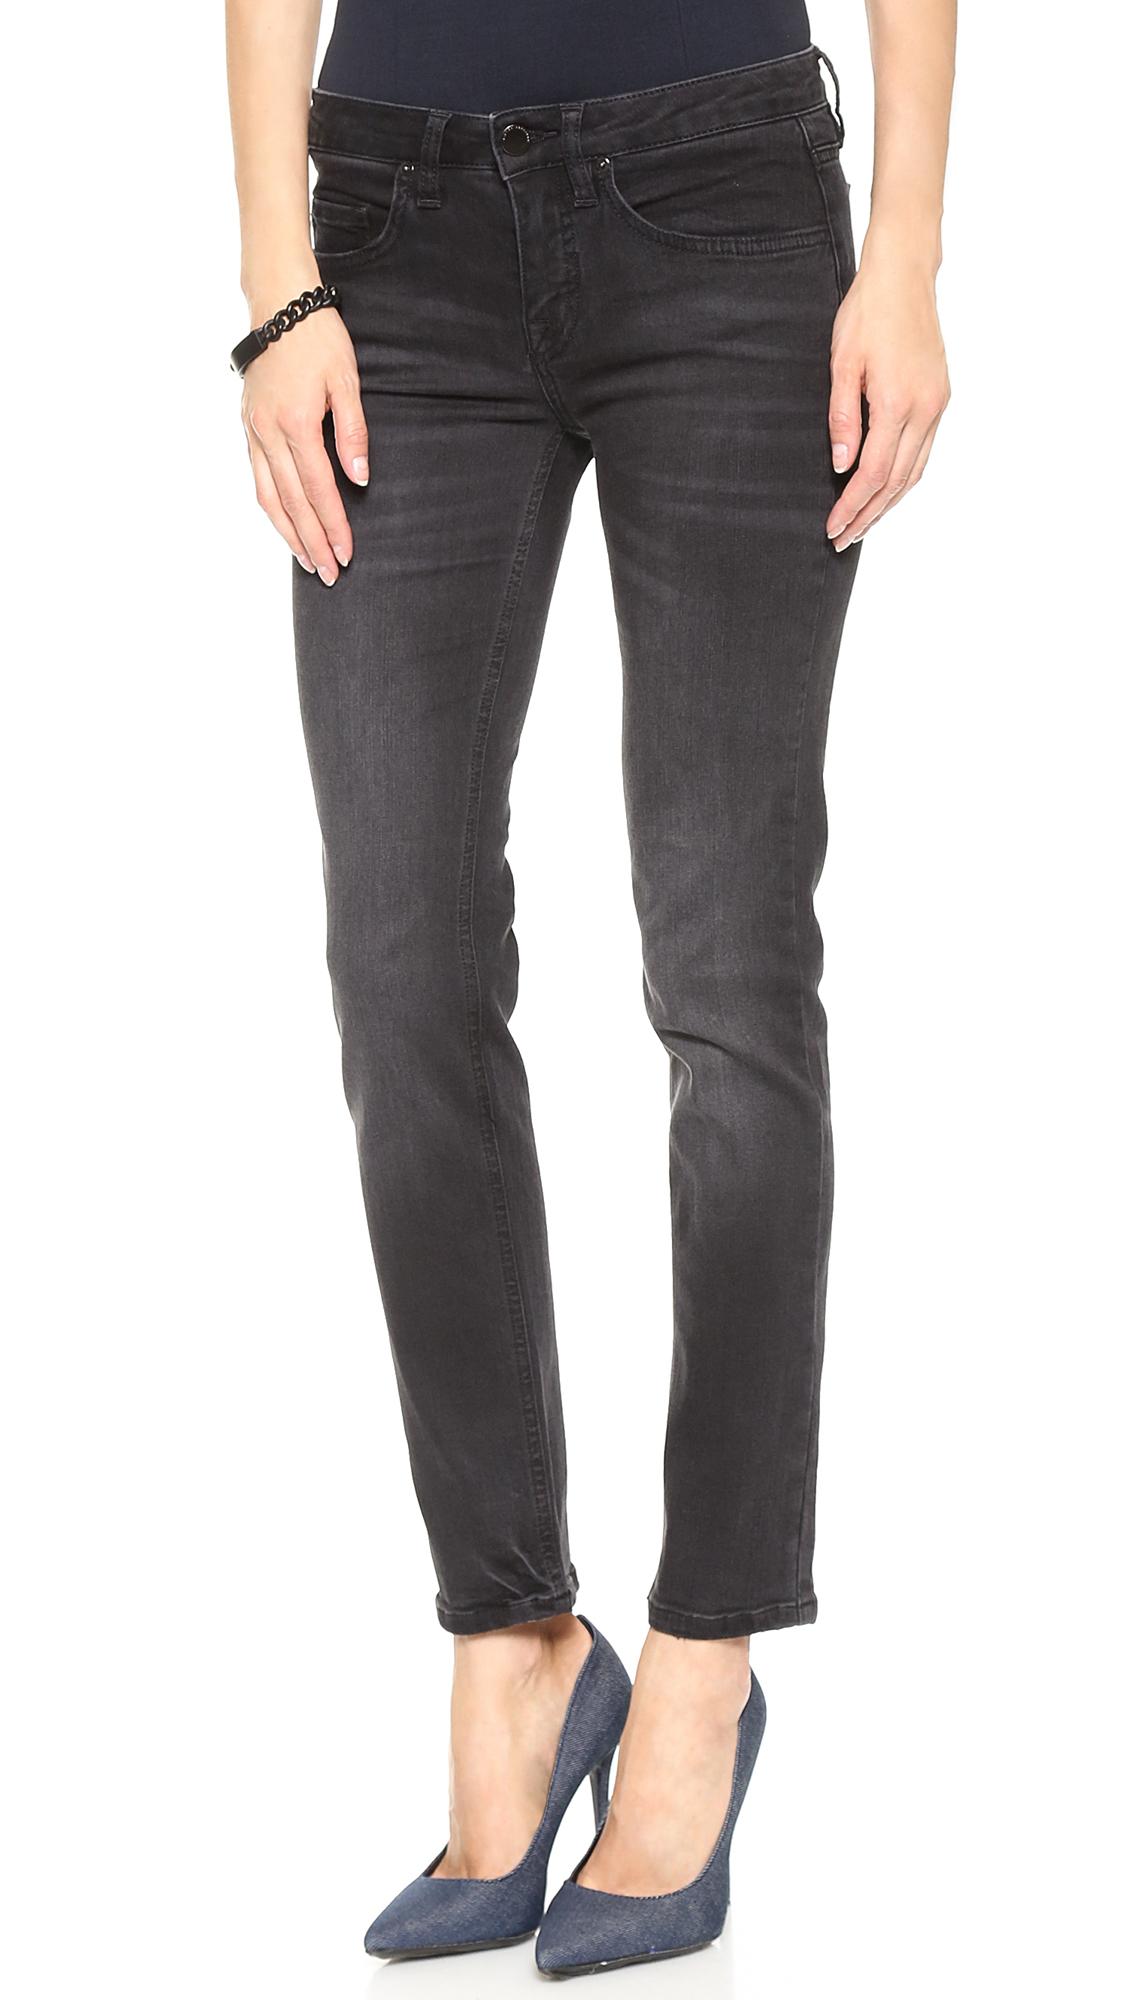 victoria beckham ankle slim jeans washed black in black lyst. Black Bedroom Furniture Sets. Home Design Ideas